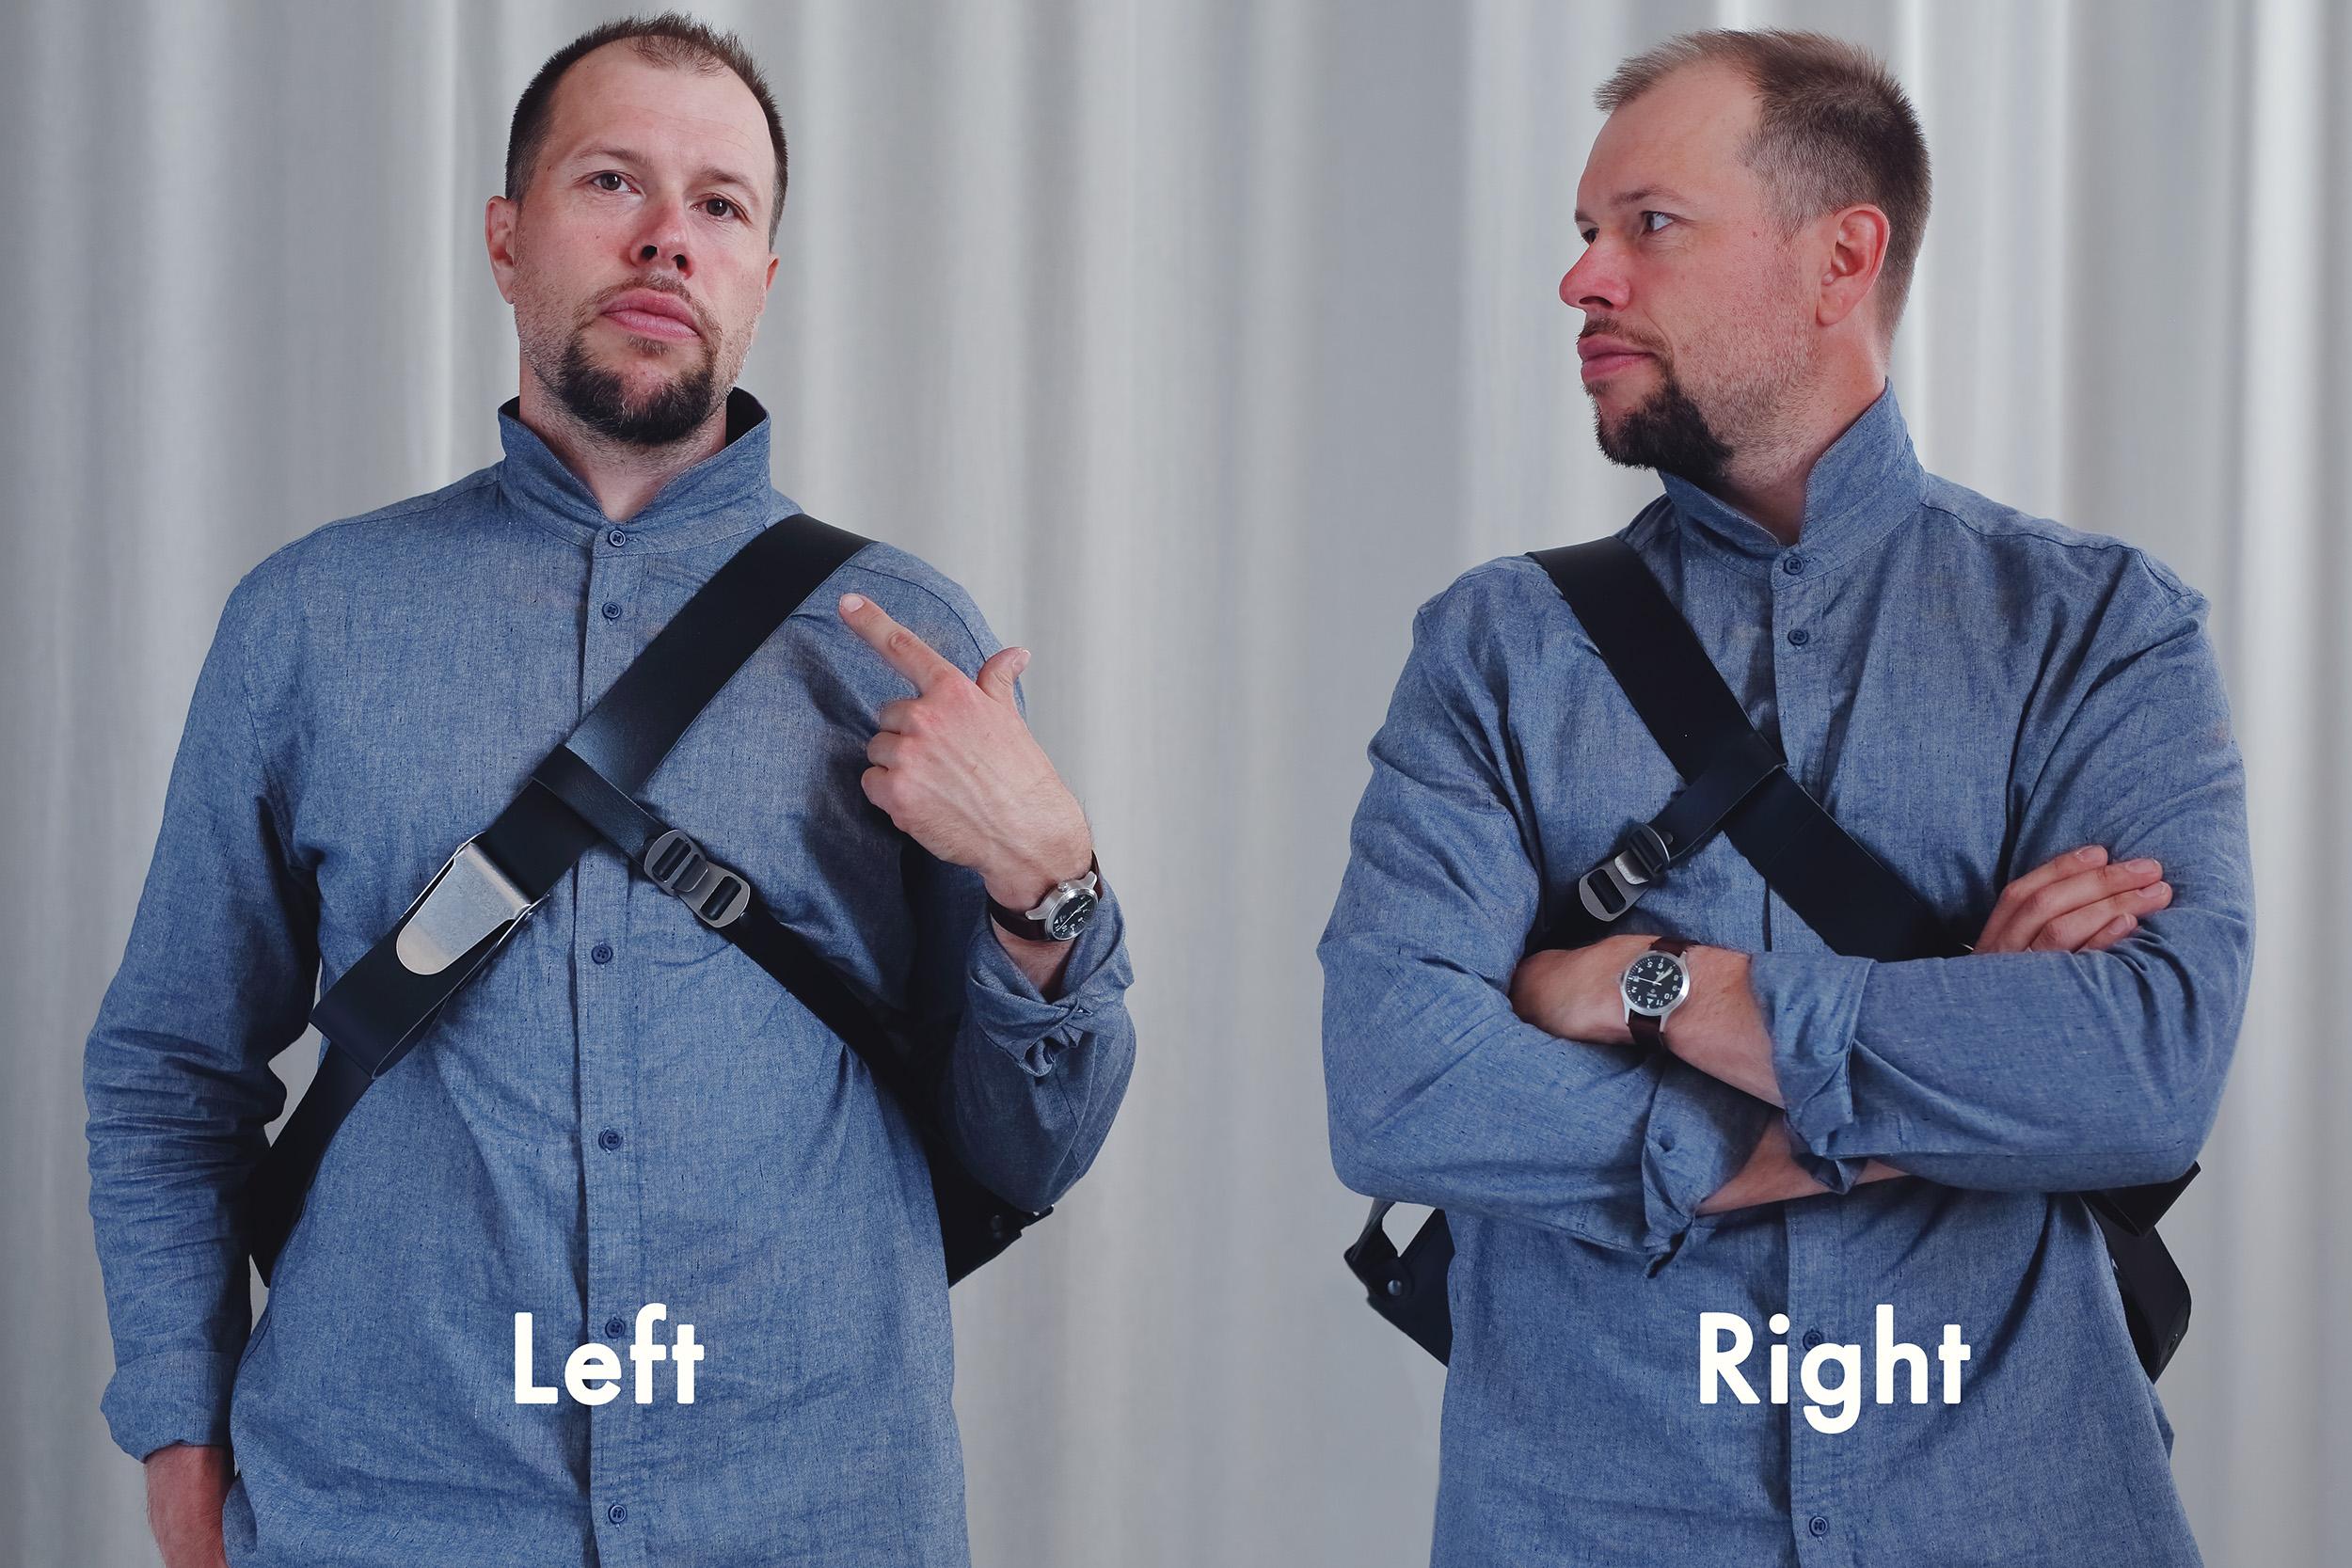 Pelago_Right_Left.jpg